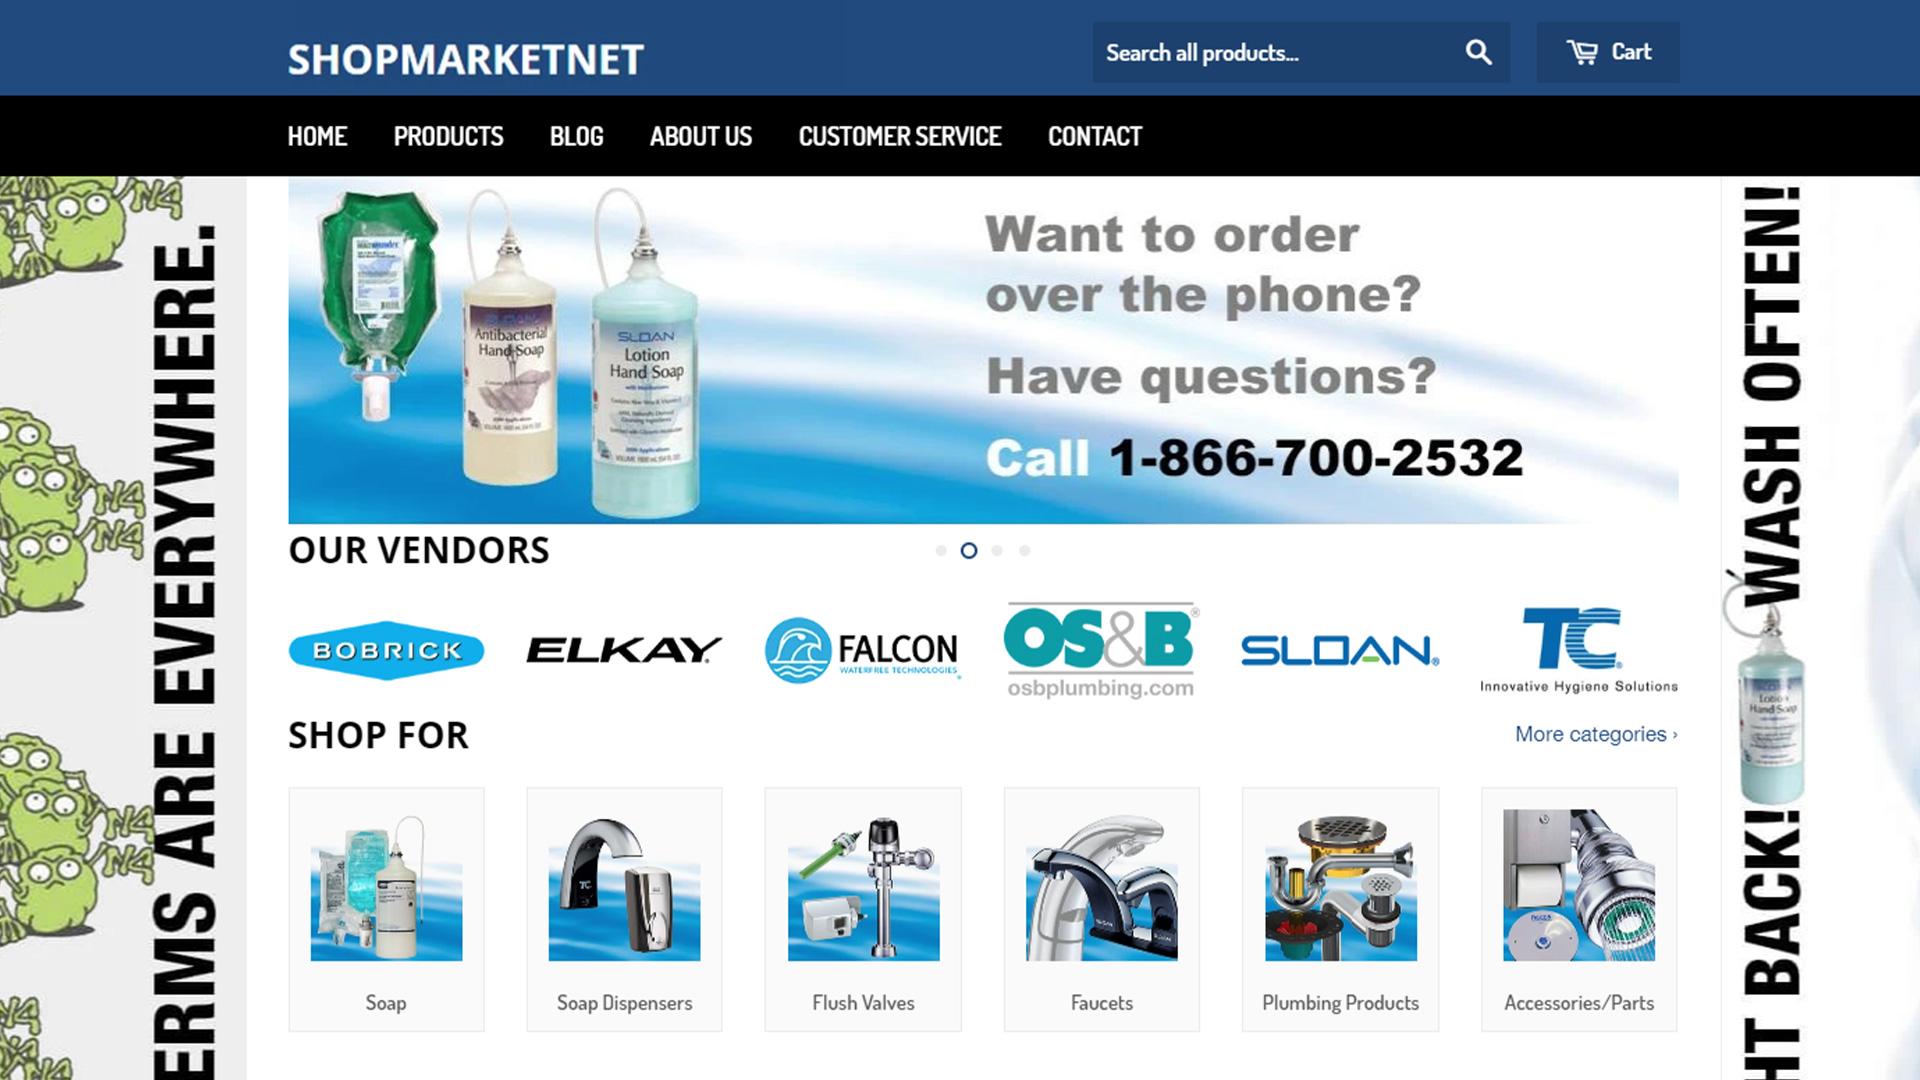 ShopMarketnet.com